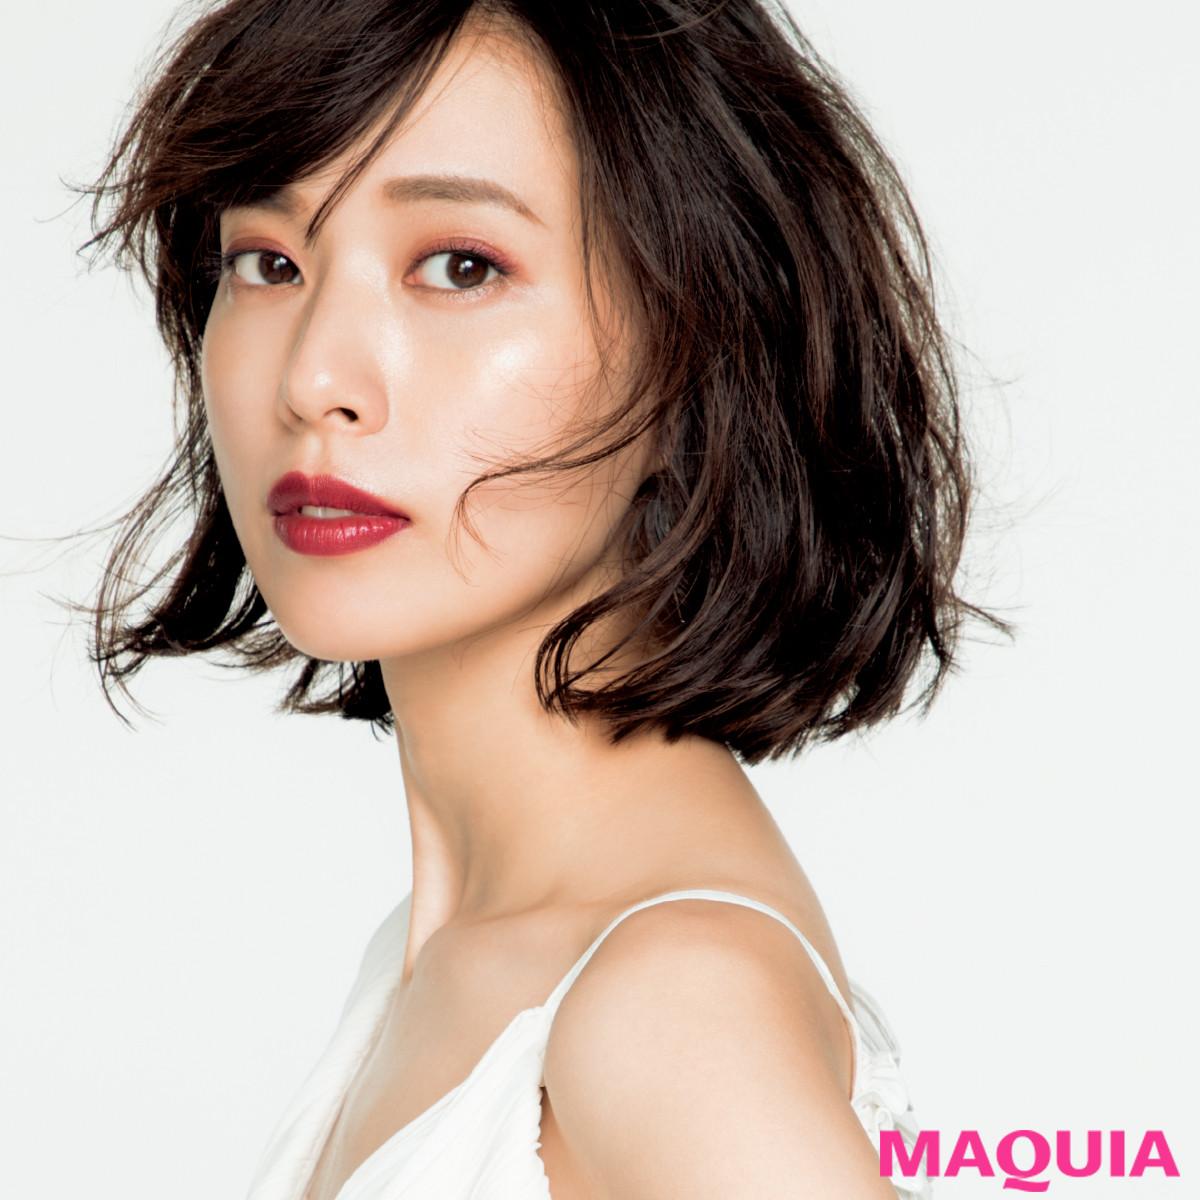 ブレない自分らしさを貫く戸田恵梨香さんの恋愛観